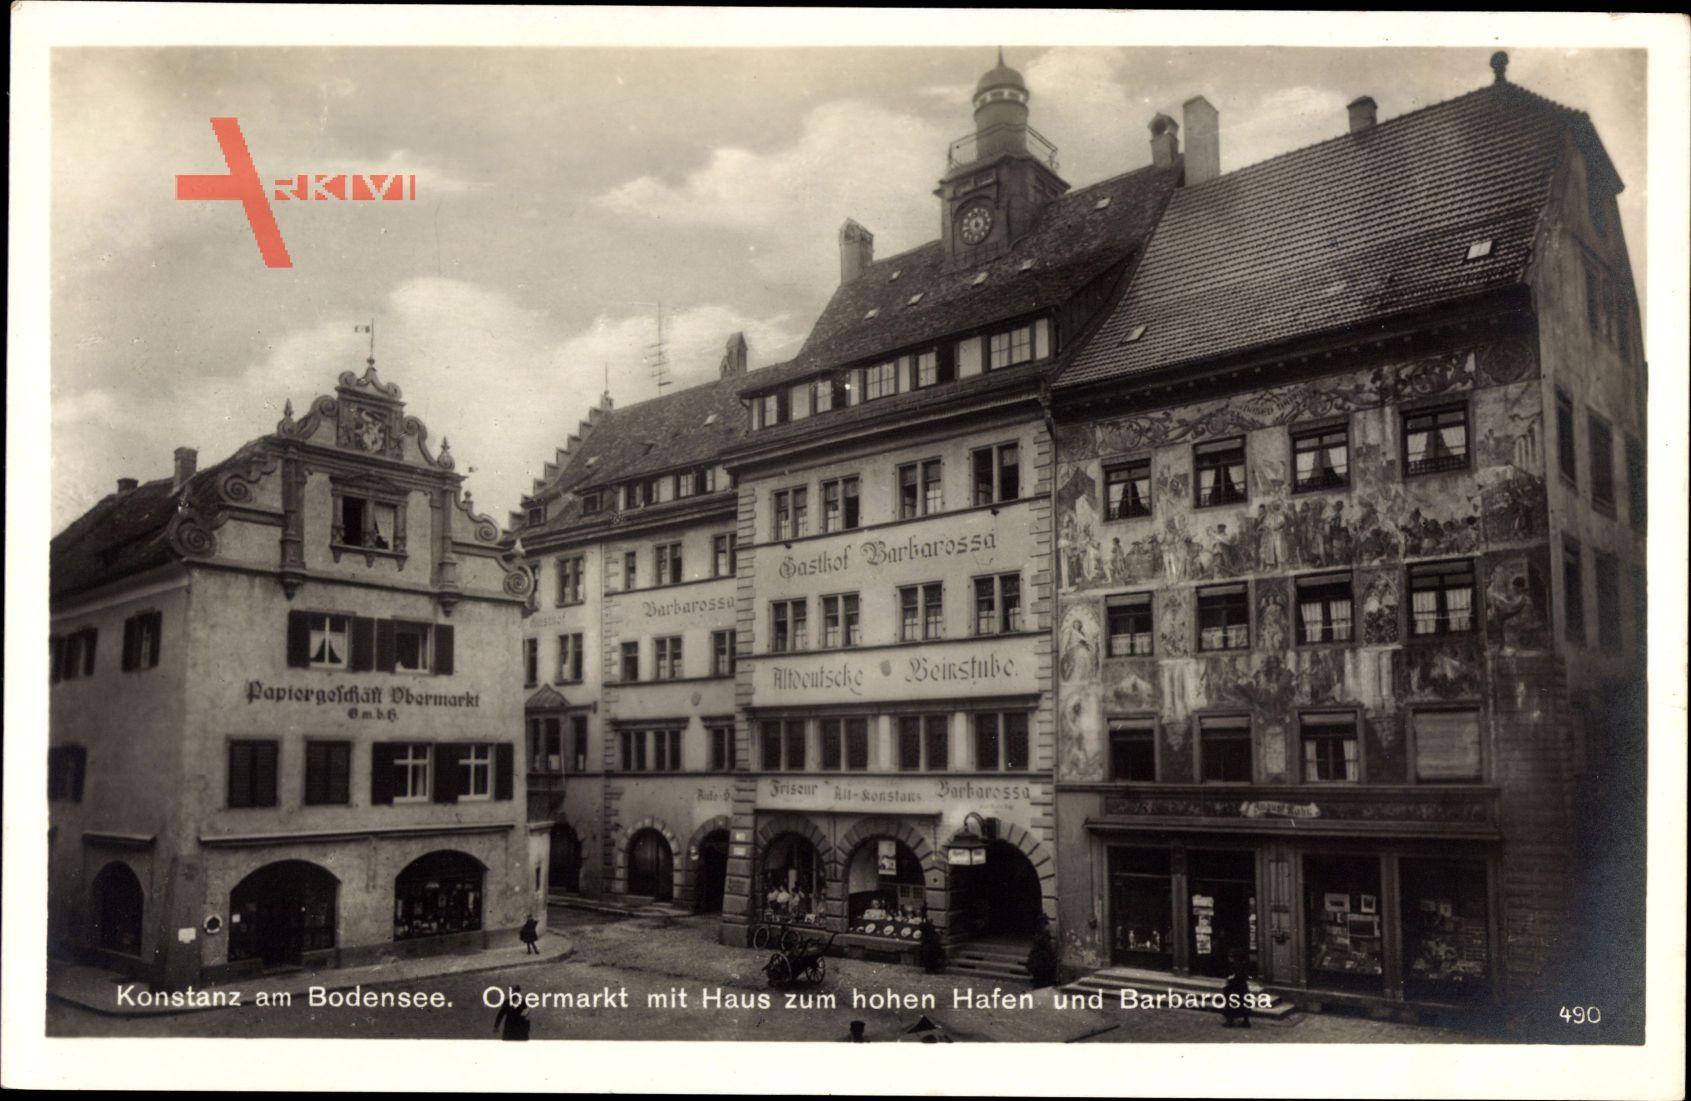 Konstanz am Bodensee, Obermarkt mit Haus zum hohen Hafen und Barbarossa